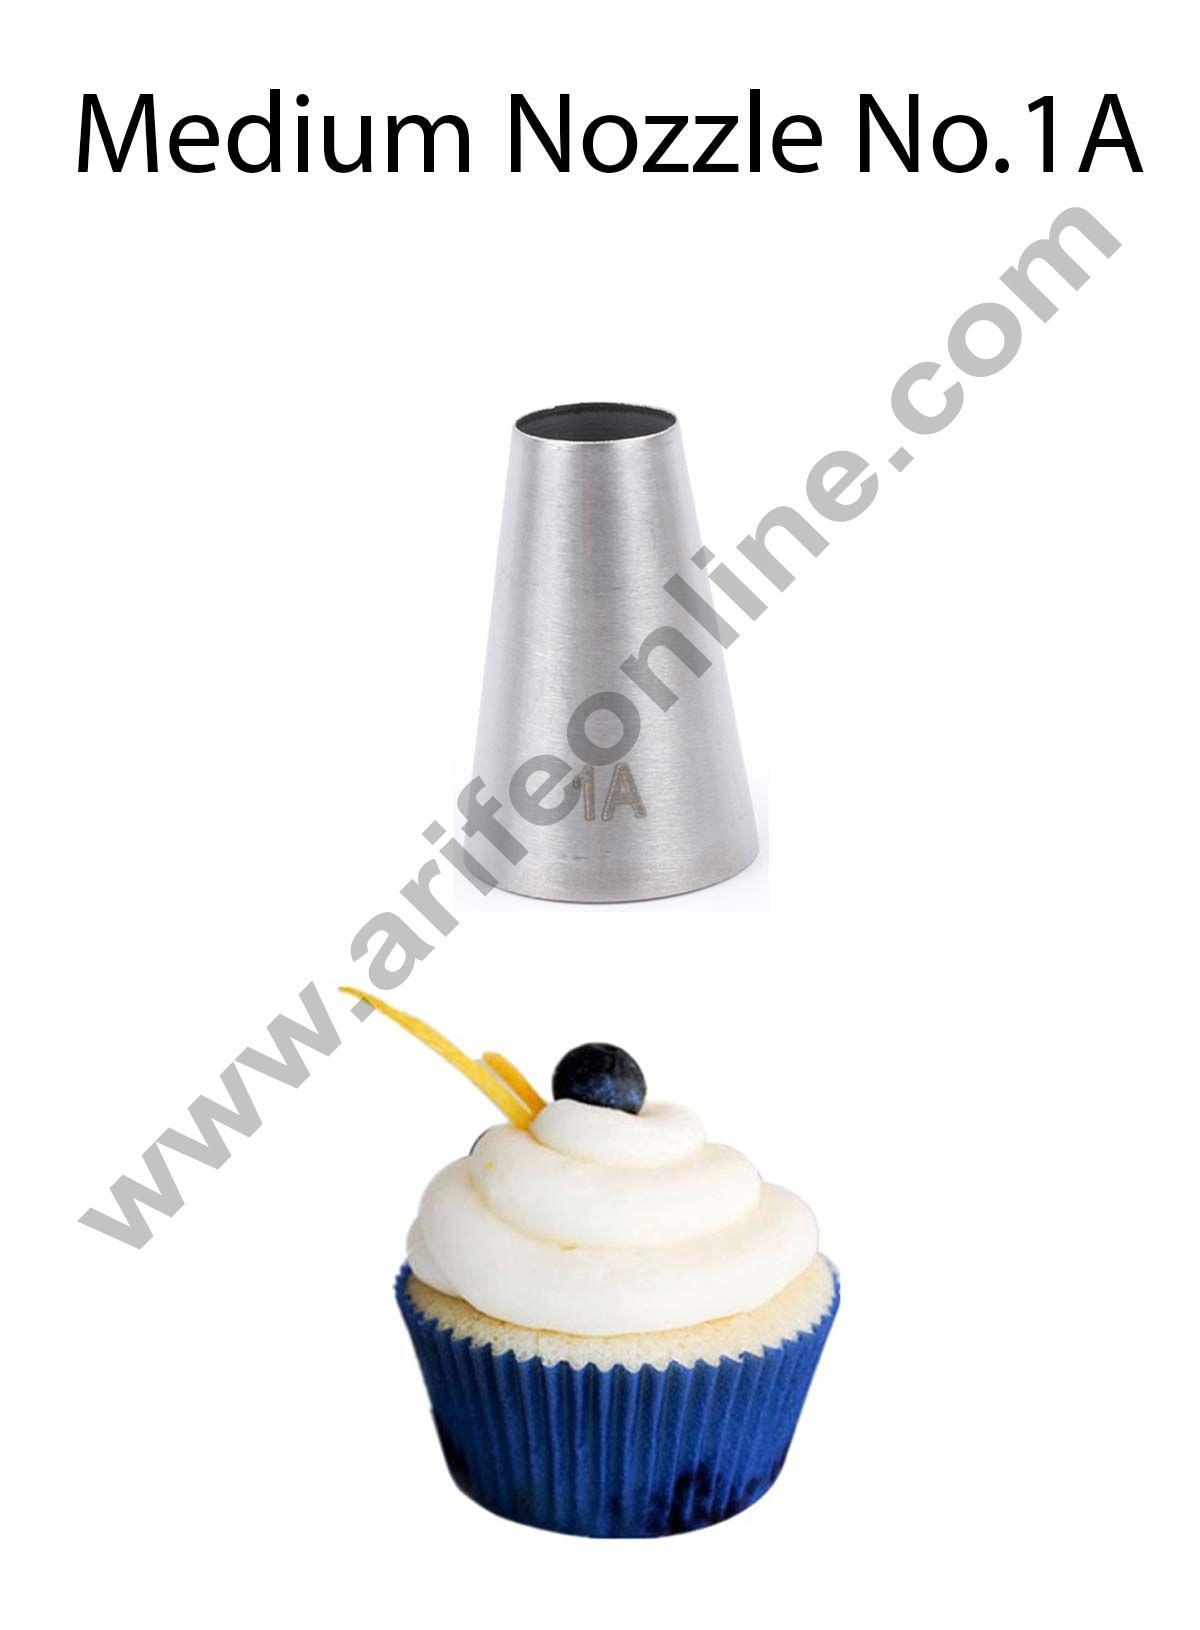 Cake Decor Medium Nozzle - No. 1A Round Piping Nozzle